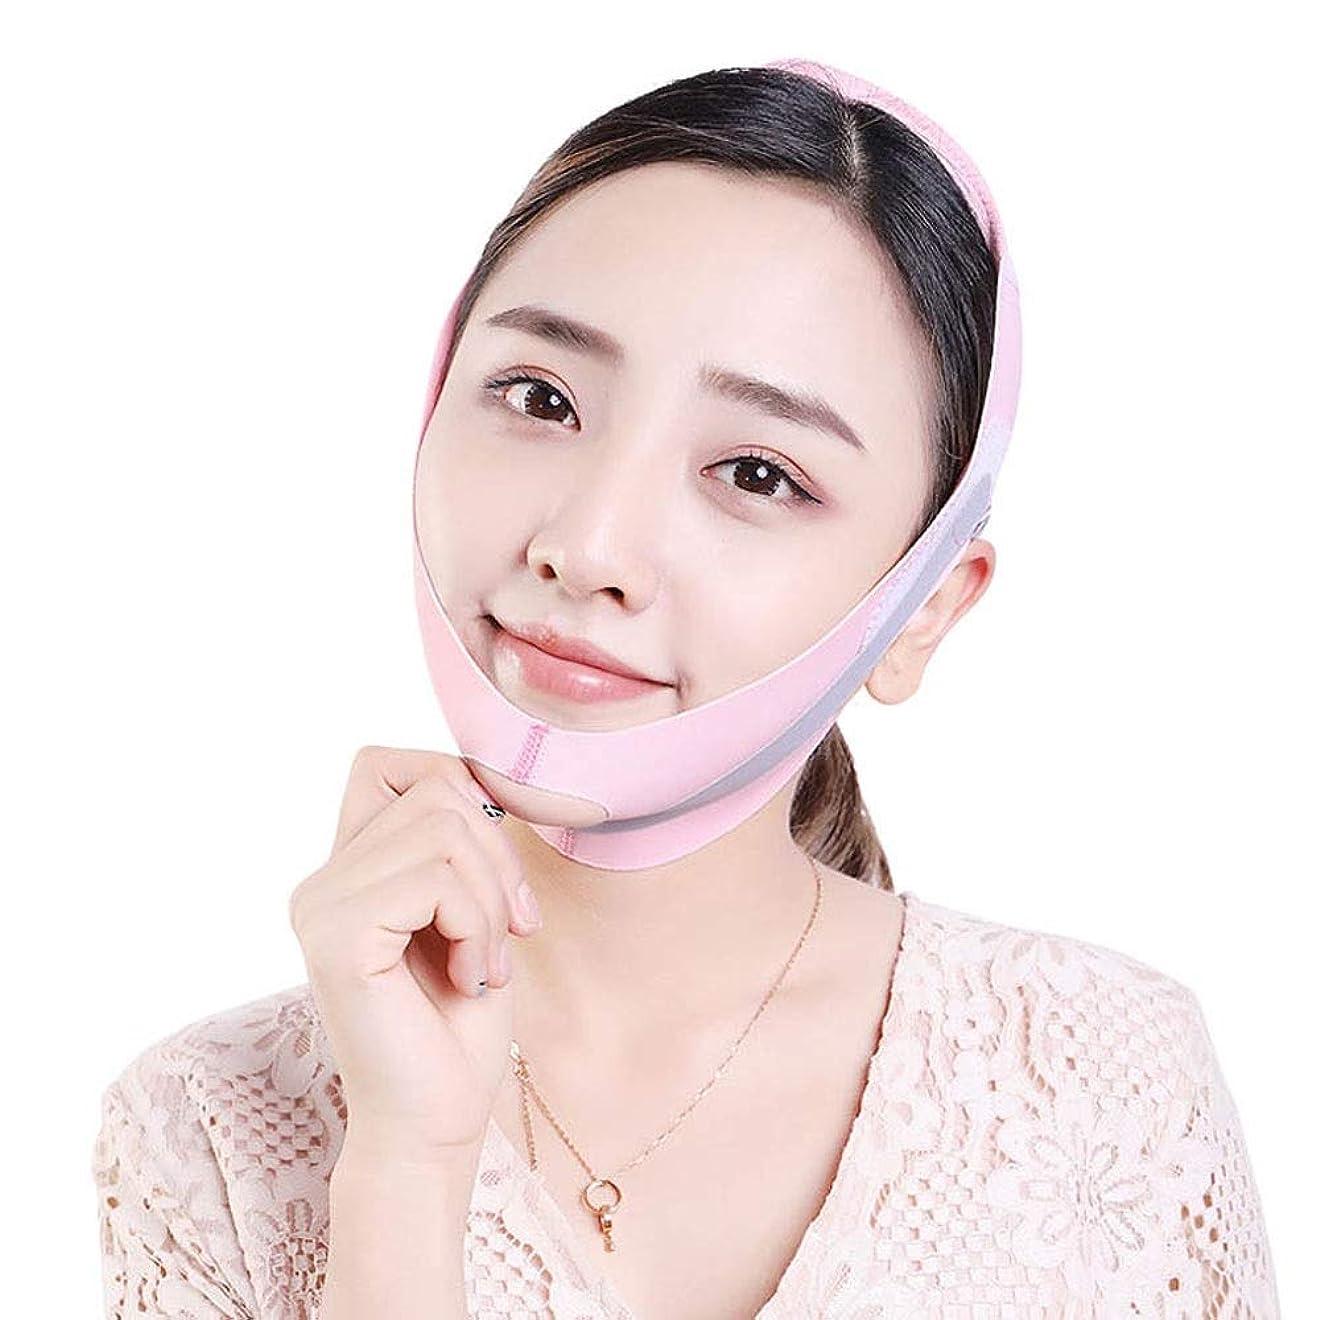 未払いと闘ううれしいたるみを防ぐために顔を持ち上げるために筋肉を引き締めるために二重あごのステッカーとラインを削除するために、顔を持ち上げるアーティファクト包帯があります - ピンク